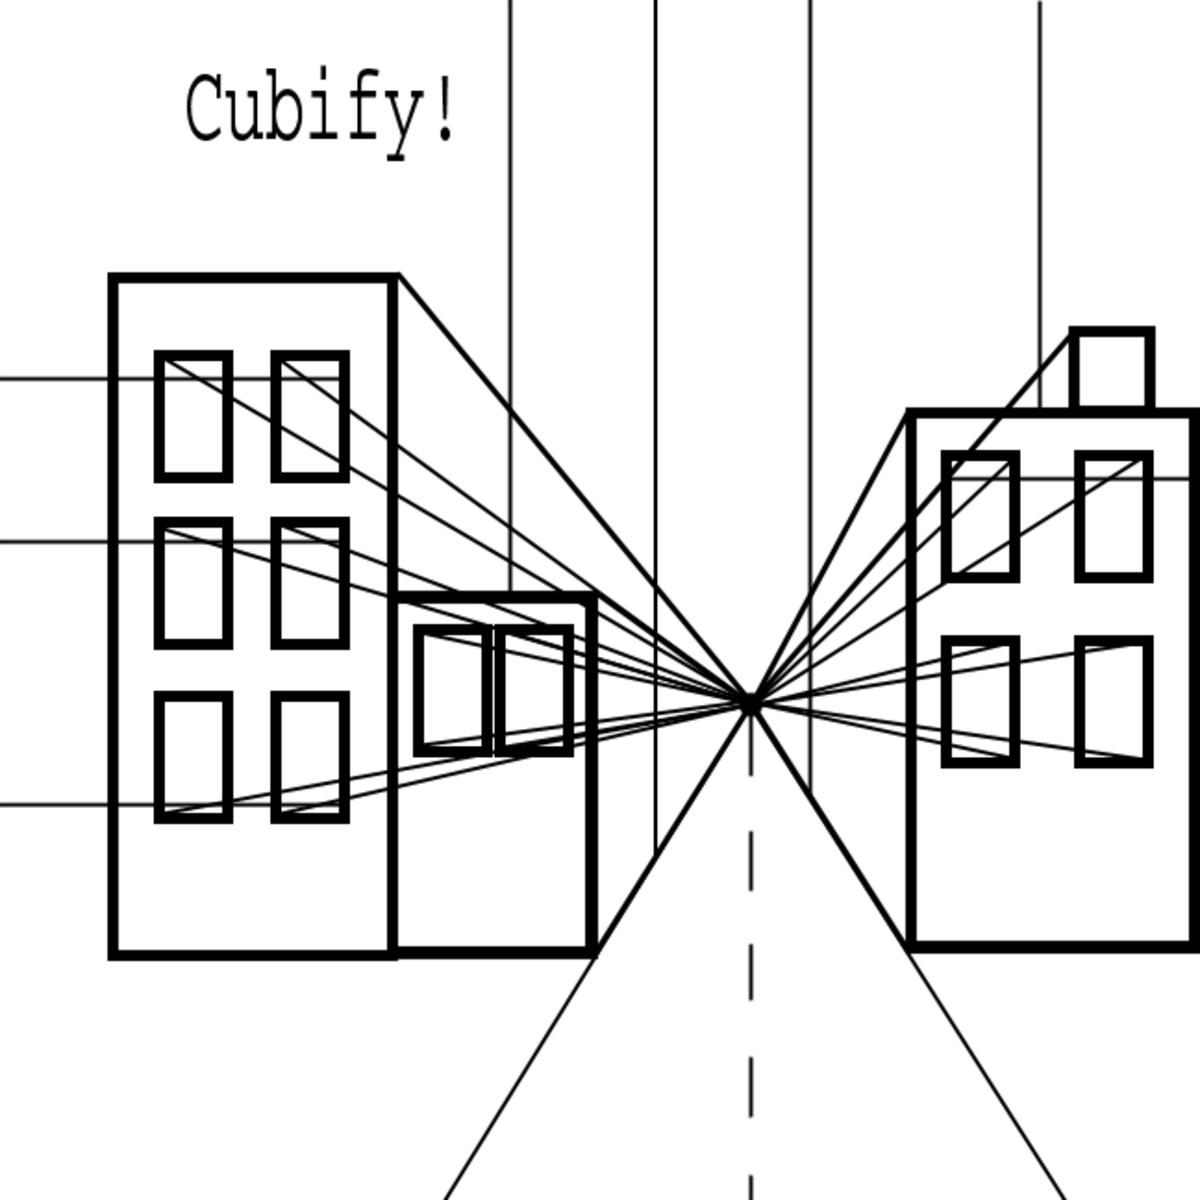 3. Cubify.